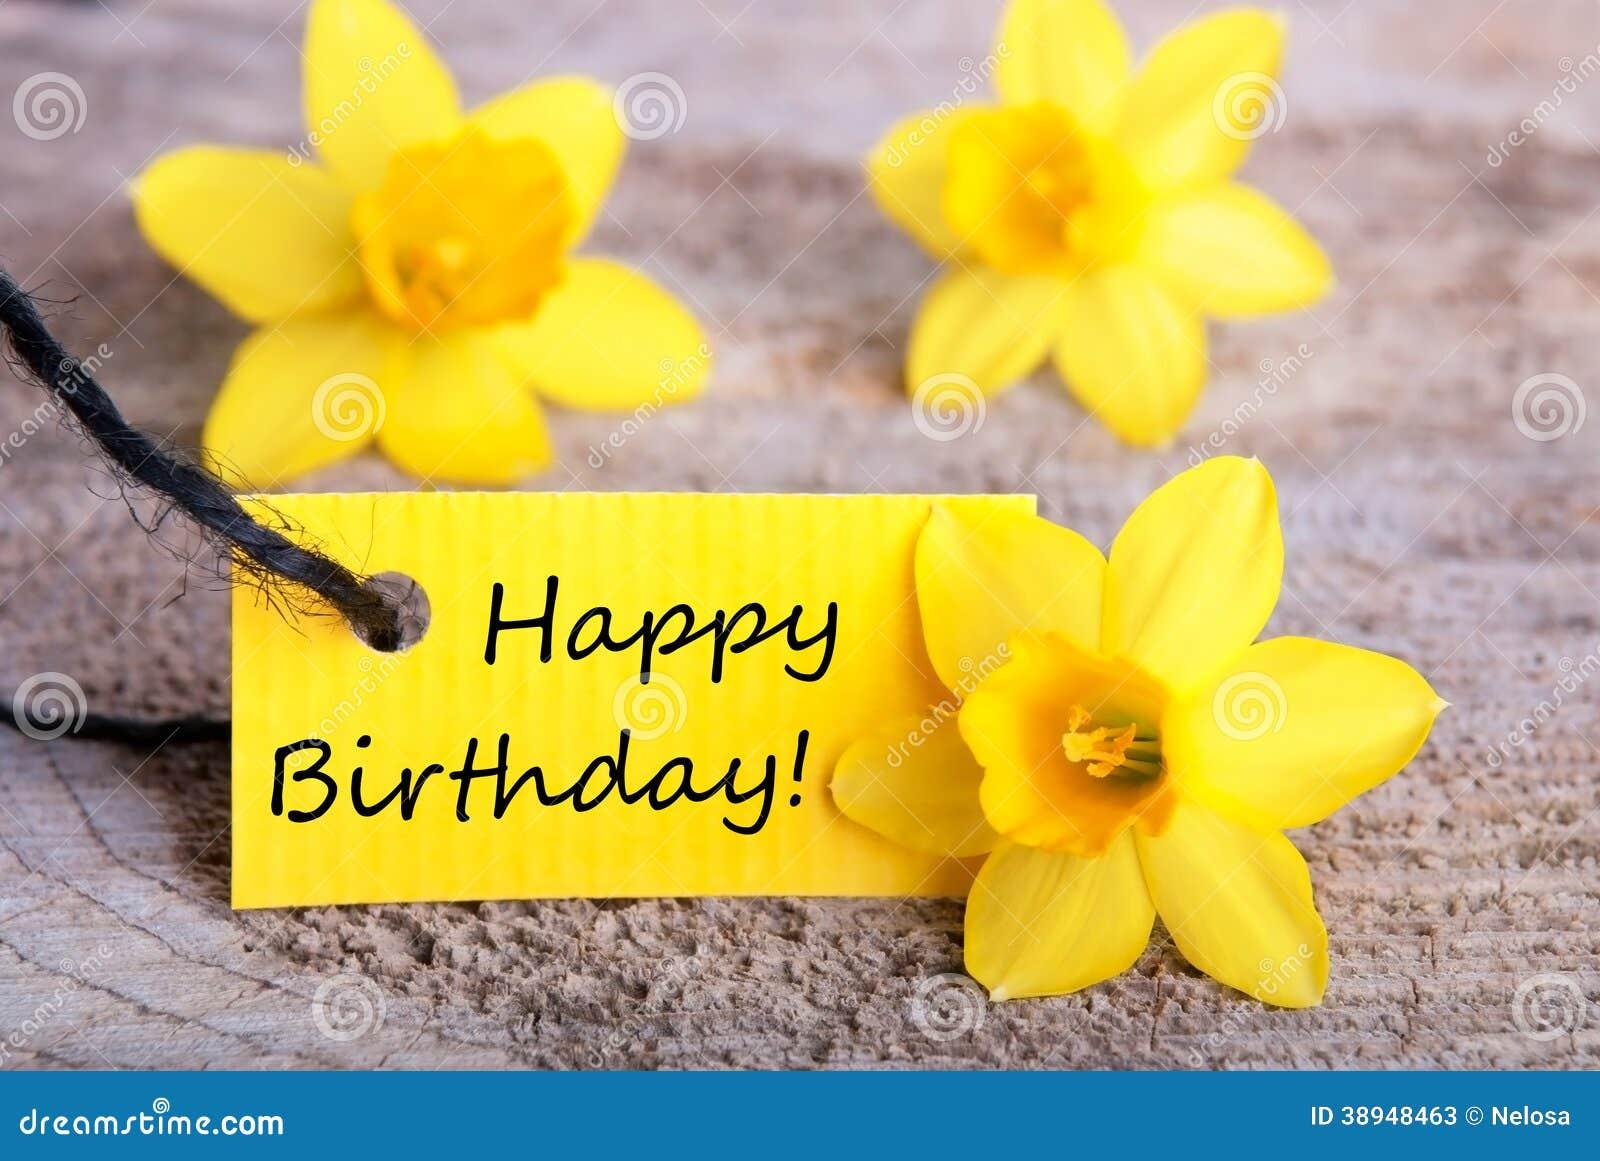 黄色标签与生日快乐